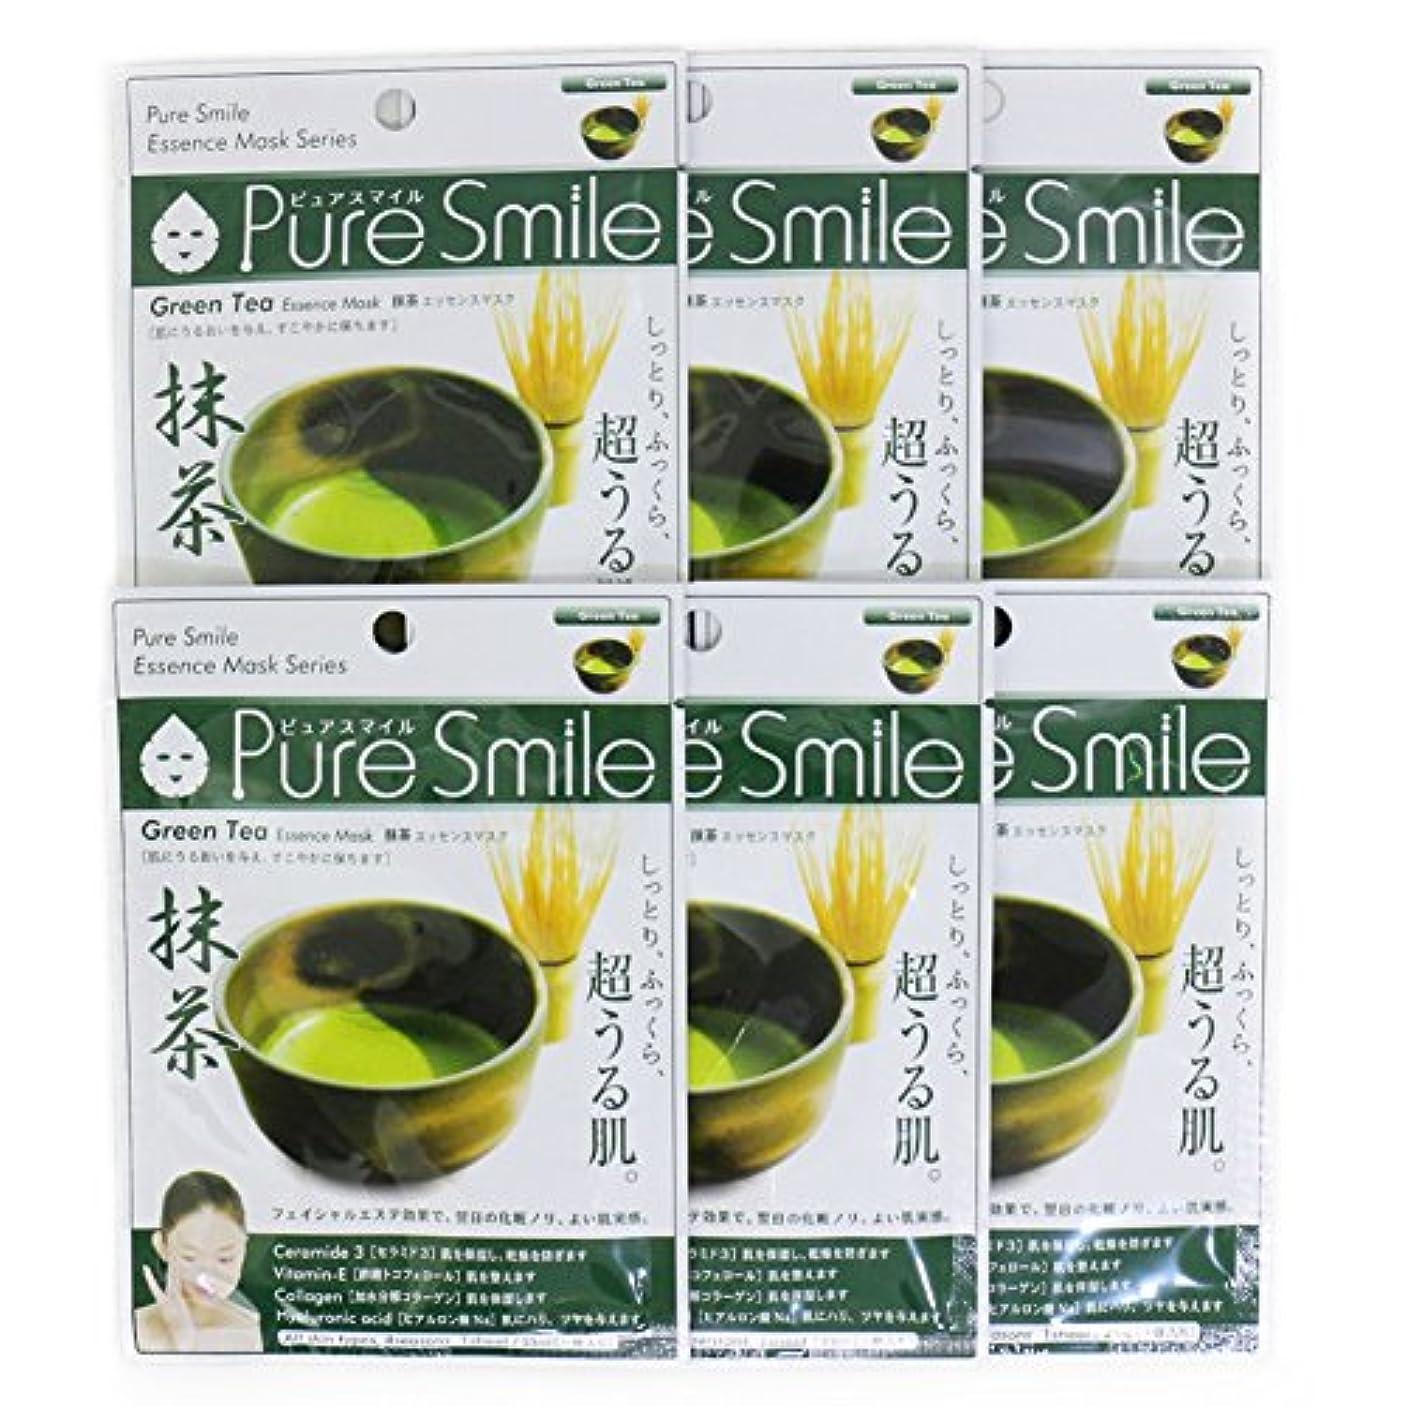 船員価値覚醒Pure Smile ピュアスマイル エッセンスマスク 抹茶 6枚セット